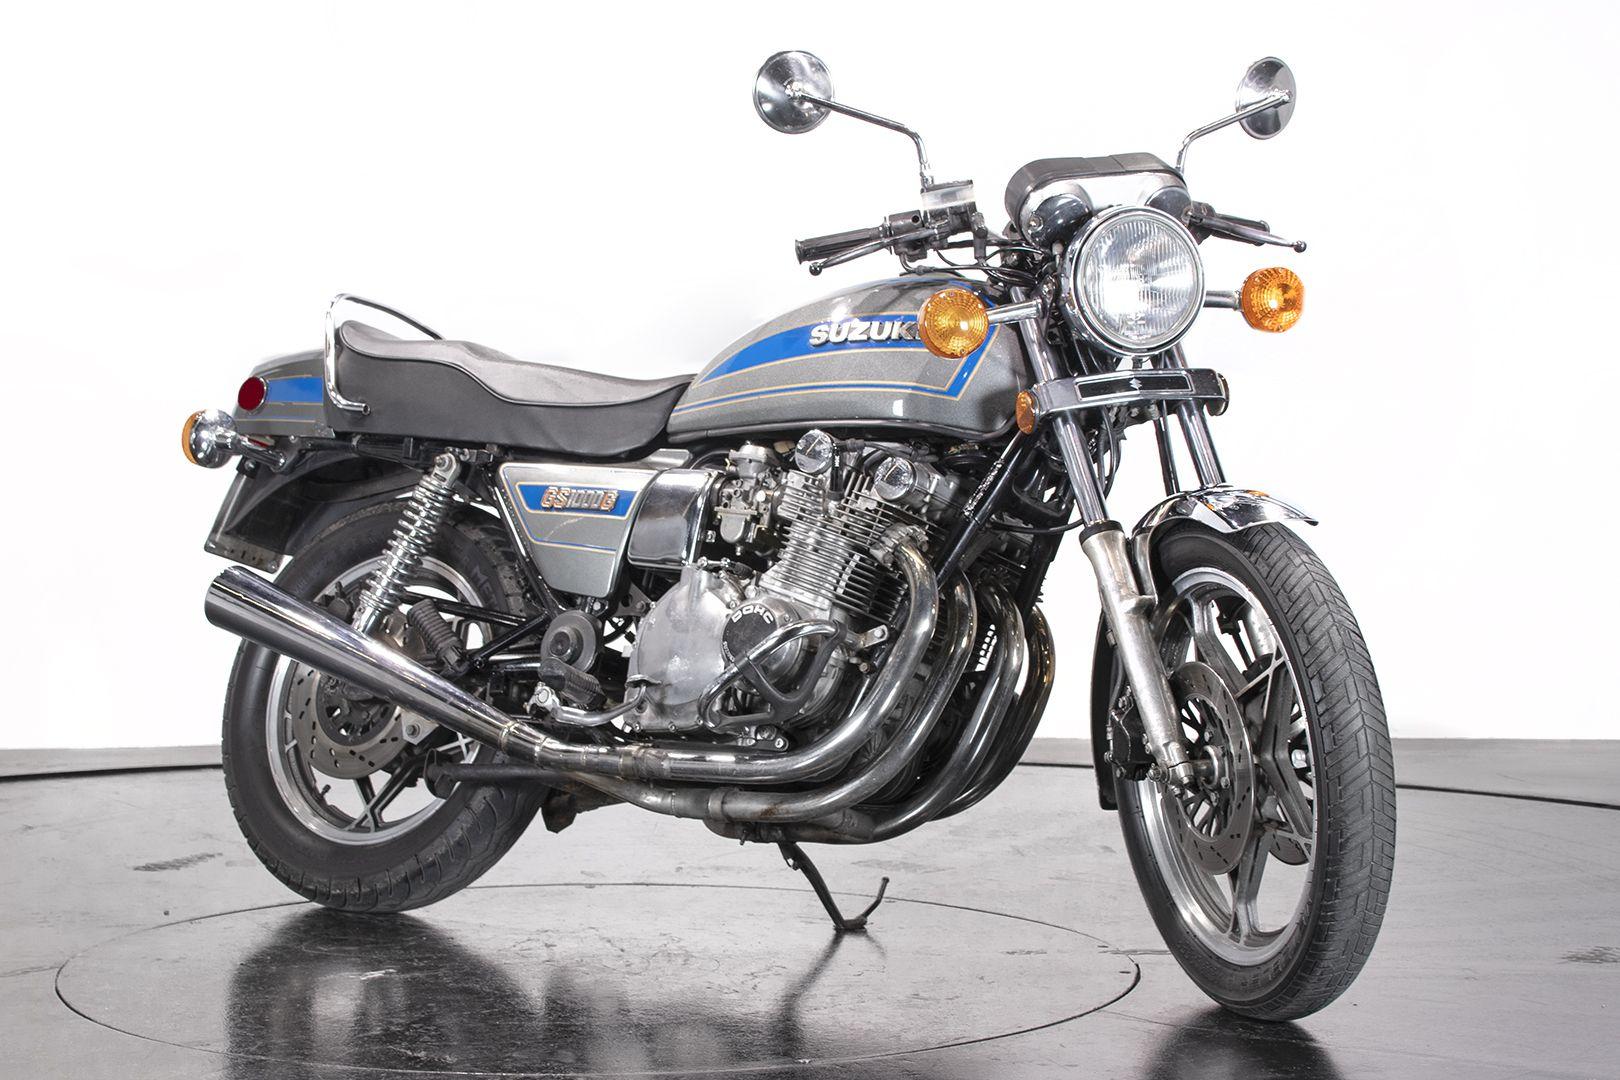 1980 Suzuki GS 1000 60293